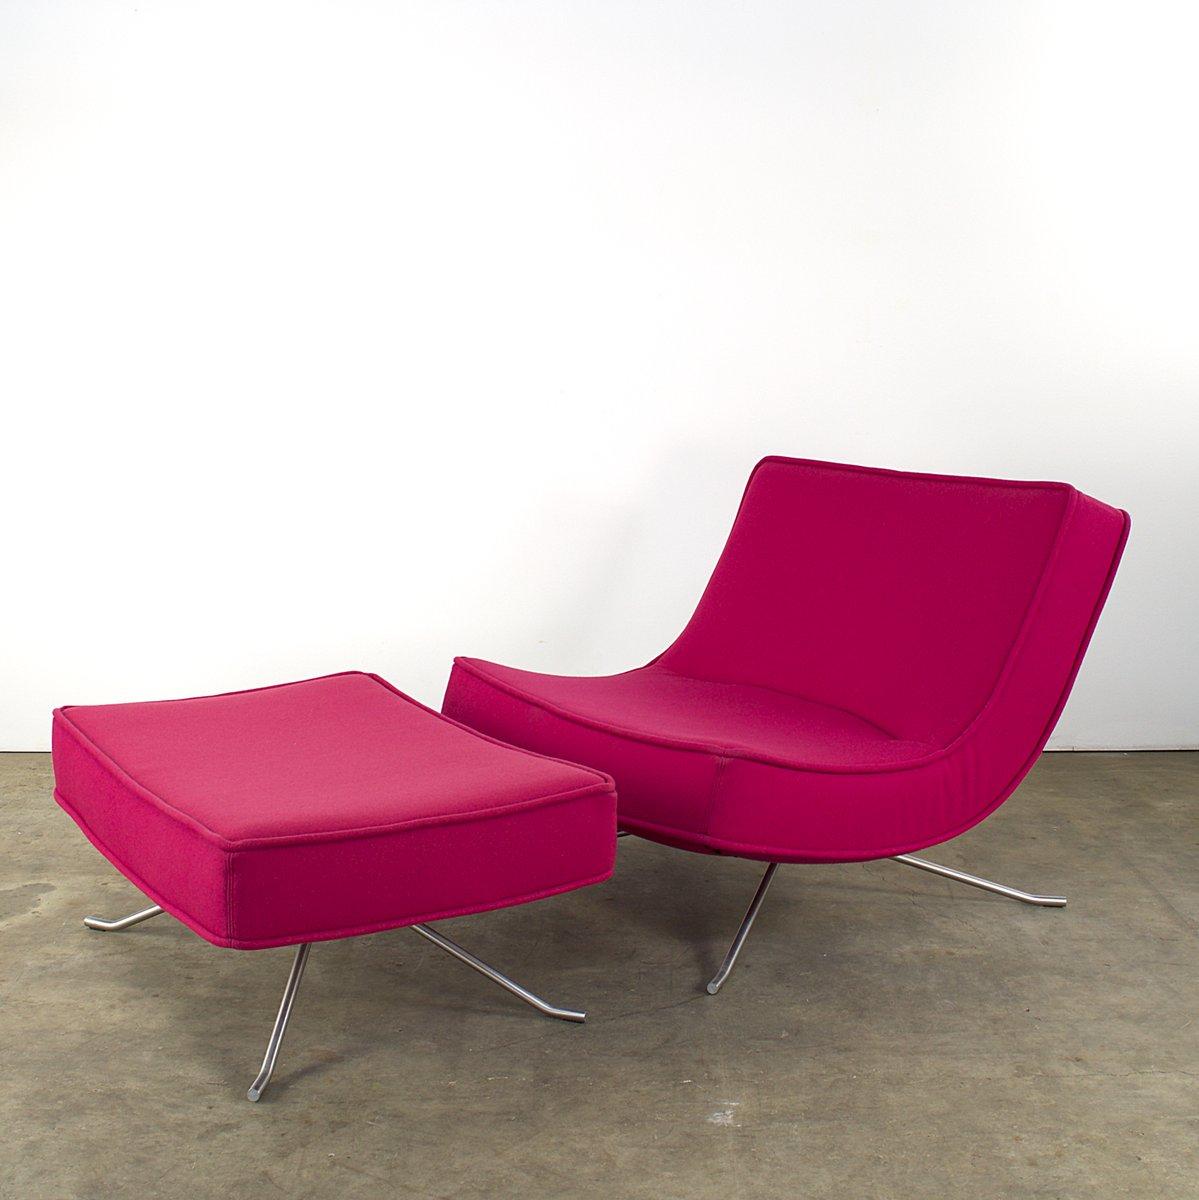 fauteuil pop et ottomane par christian werner pour ligne. Black Bedroom Furniture Sets. Home Design Ideas